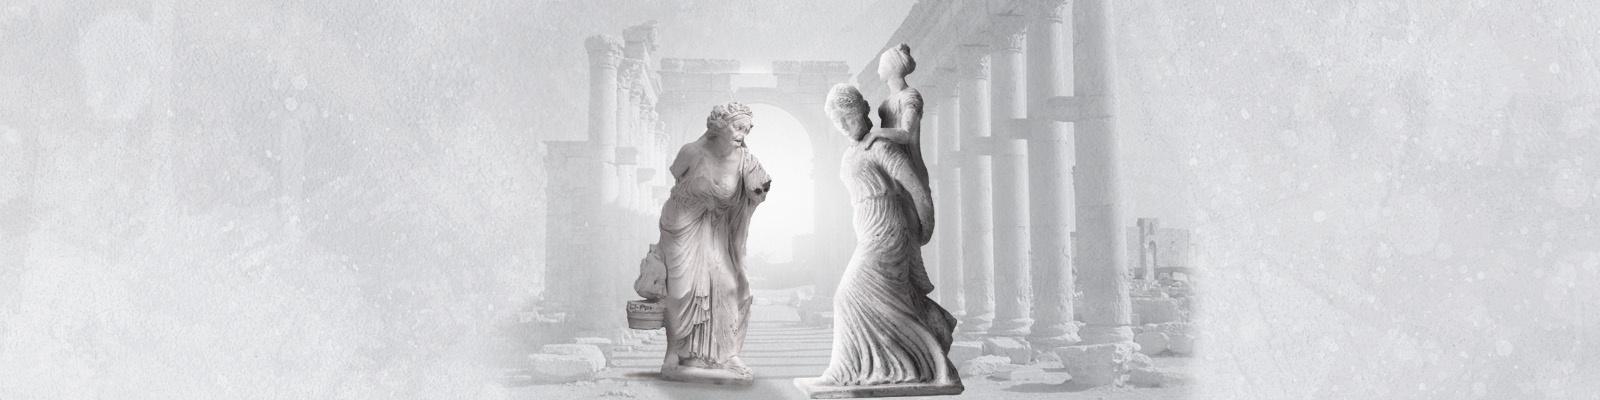 مظاهر معاناة المرأة في المجتمع السكندري خلال العصرين الهلّينستي والروماني